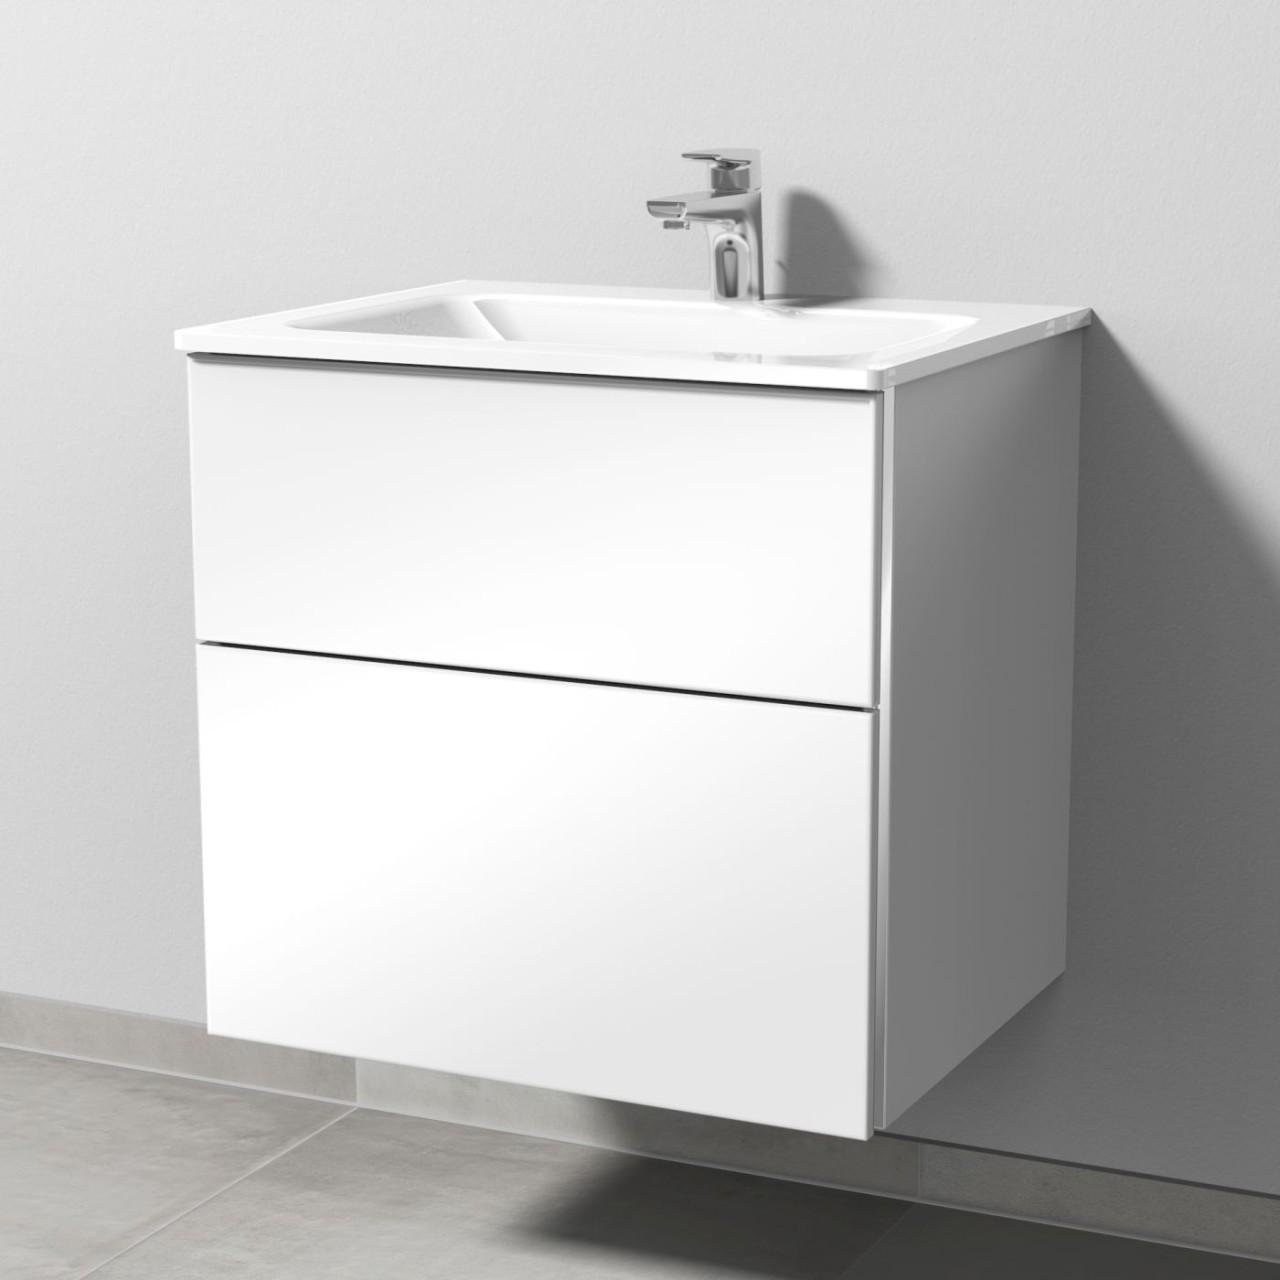 Bad sanit r und andere baumarktartikel von sanipa for Spiegelschrank bad weiay